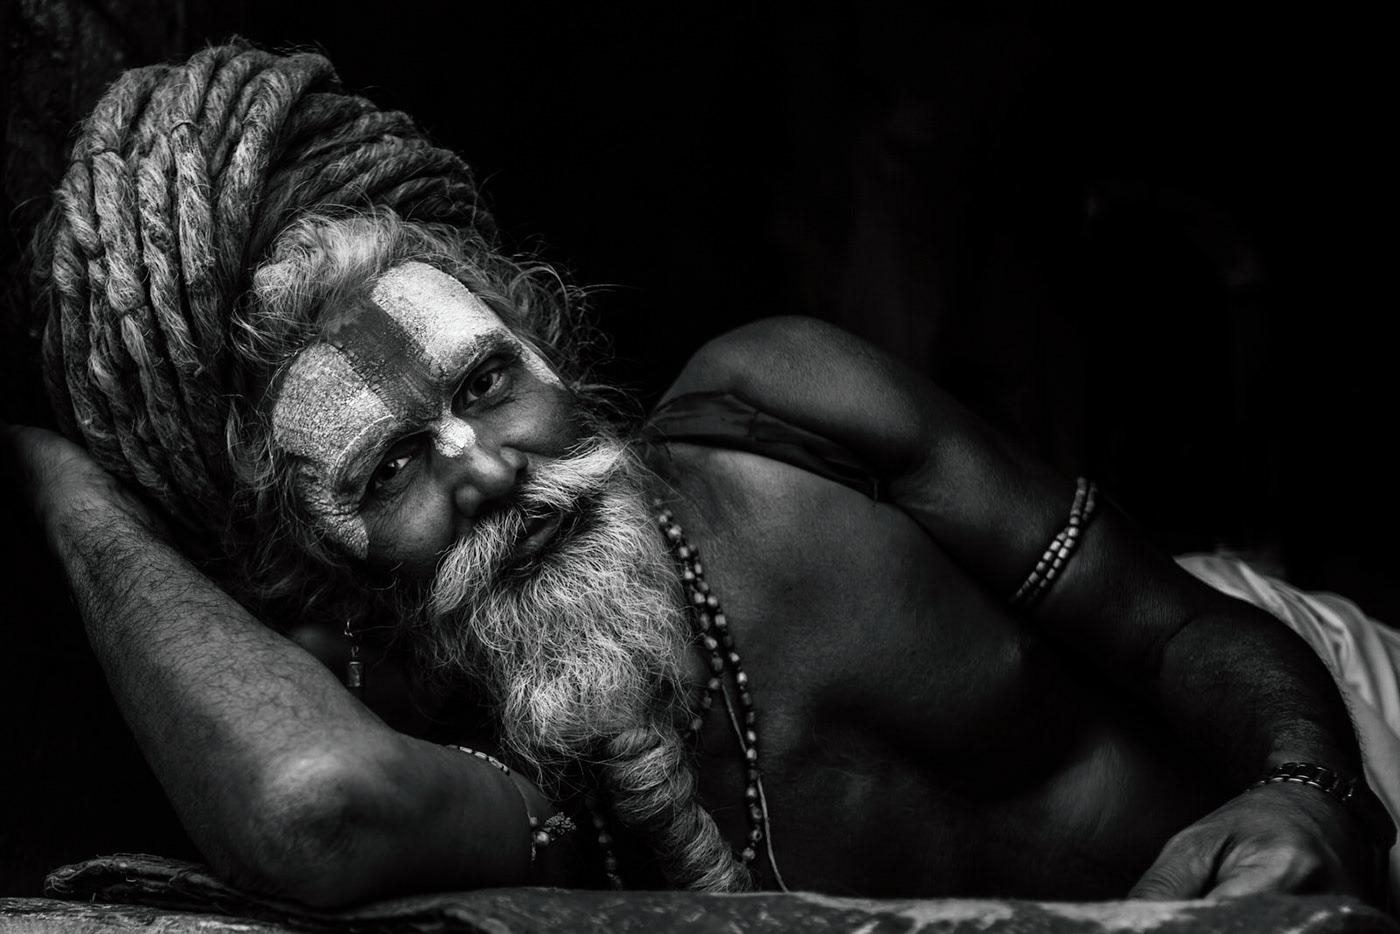 travel photography indian by sefa yamak